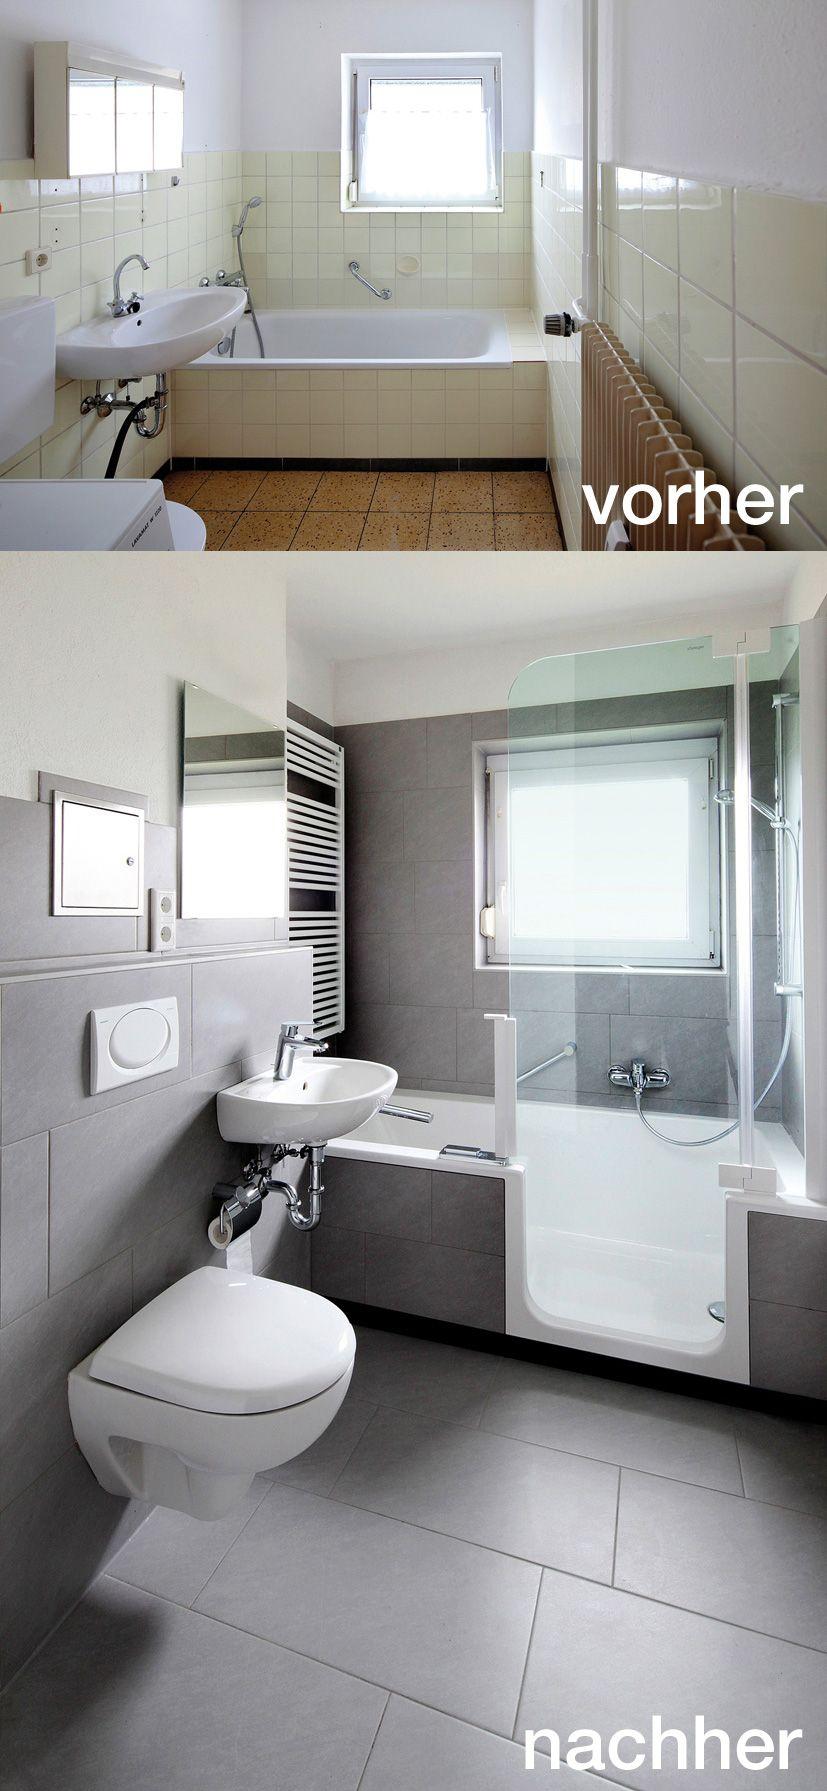 Badrenovierung Mit Twinline 2 Duschbadewanne (Teilversenkt Mit Nur 5